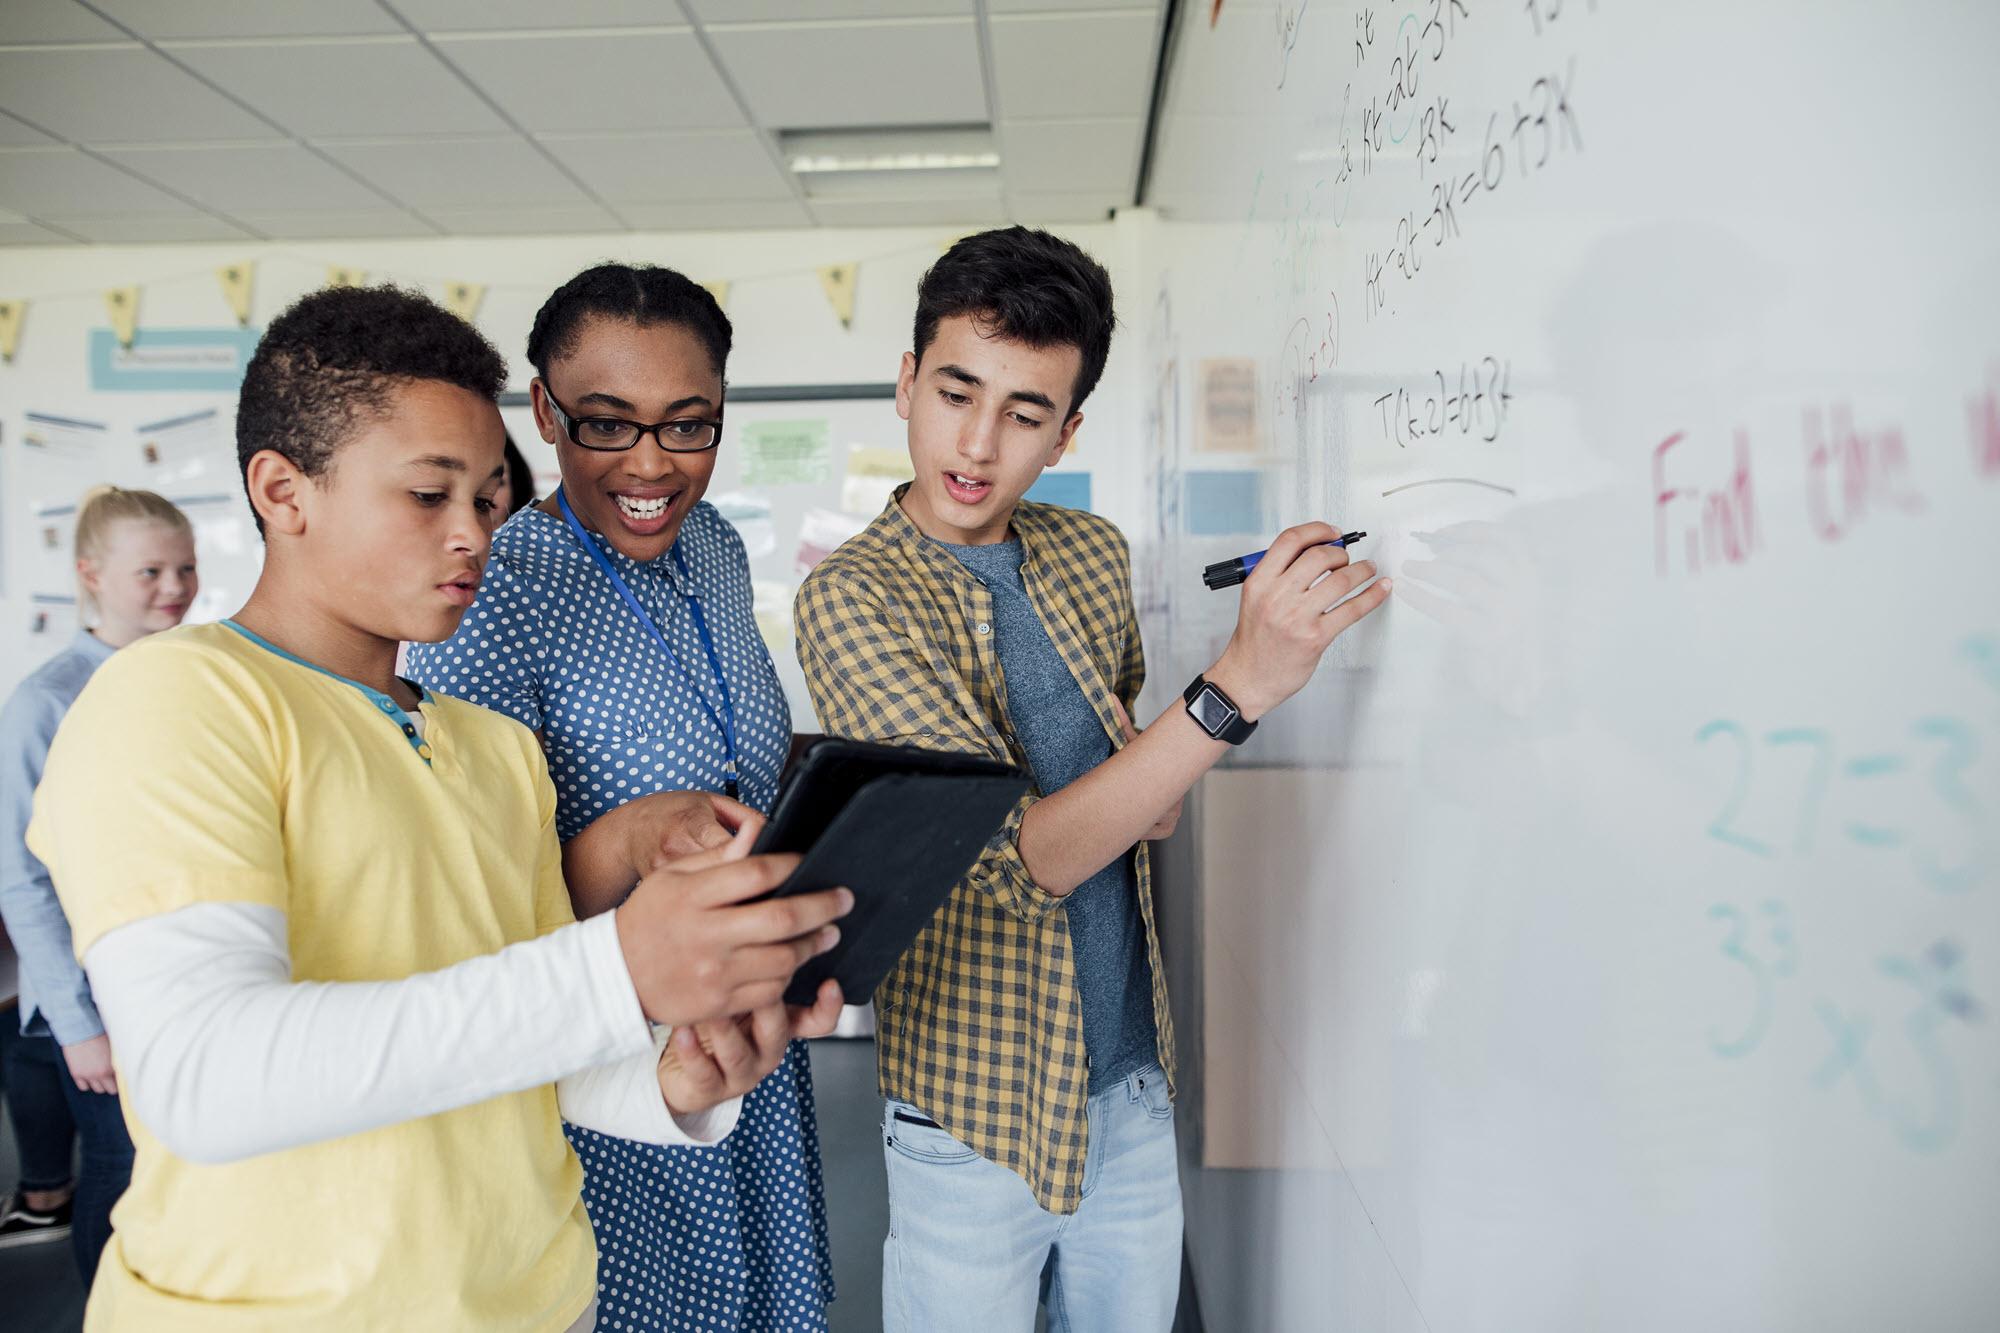 profesor con estudiantes